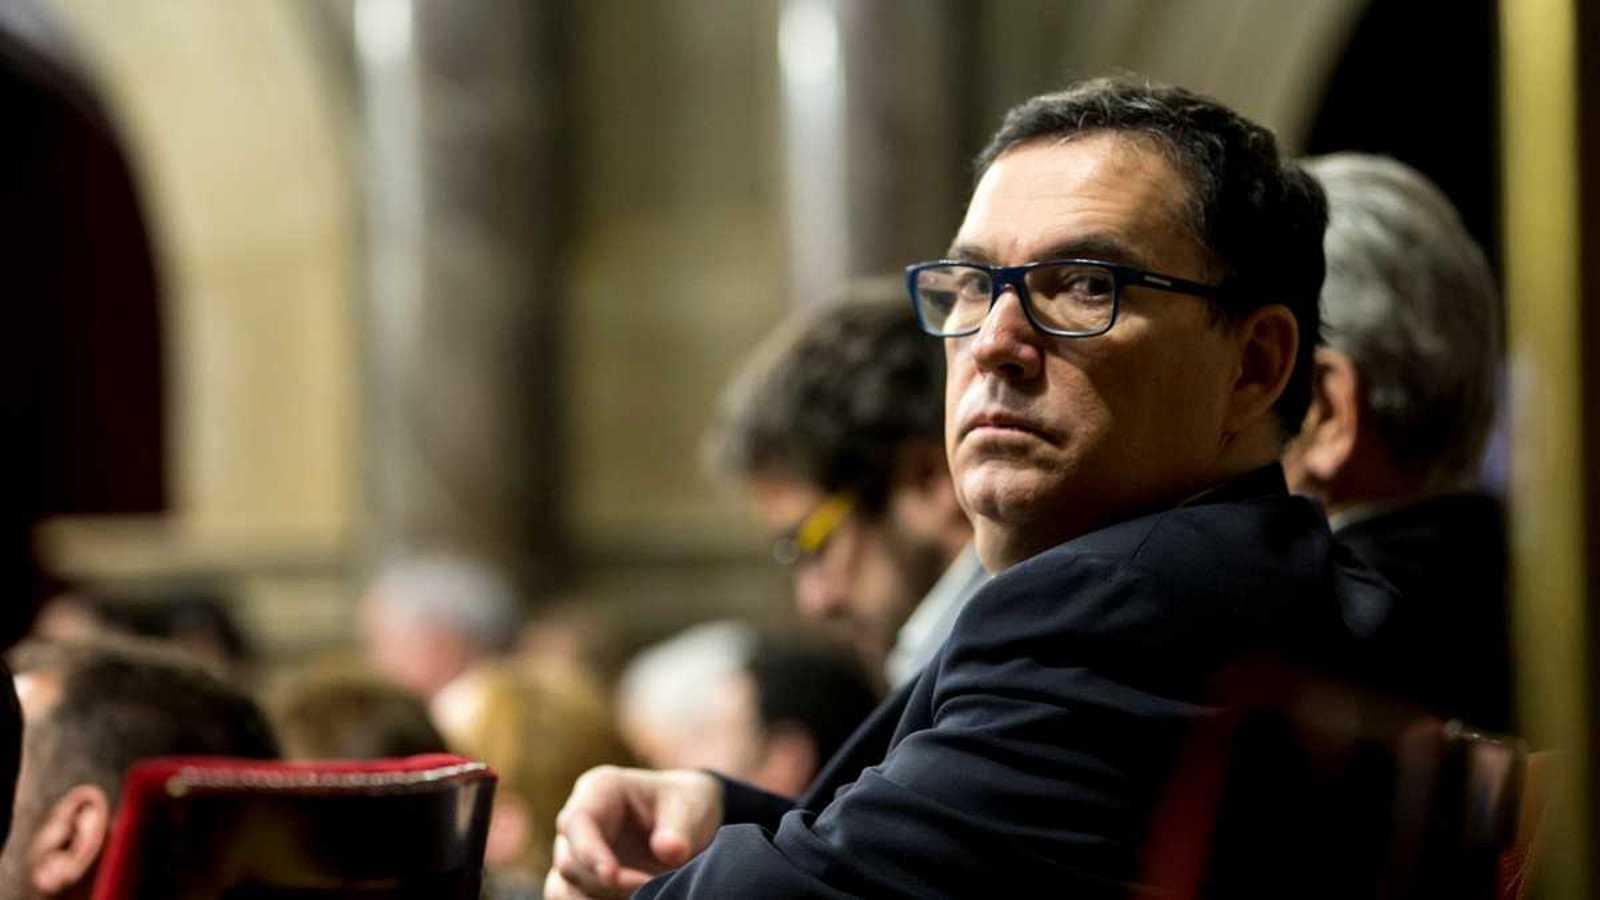 L'advocat Jaume Alonso-Cuevillas ha formalitzat aquest dimecres la seva renúncia a la Mesa del Parlament